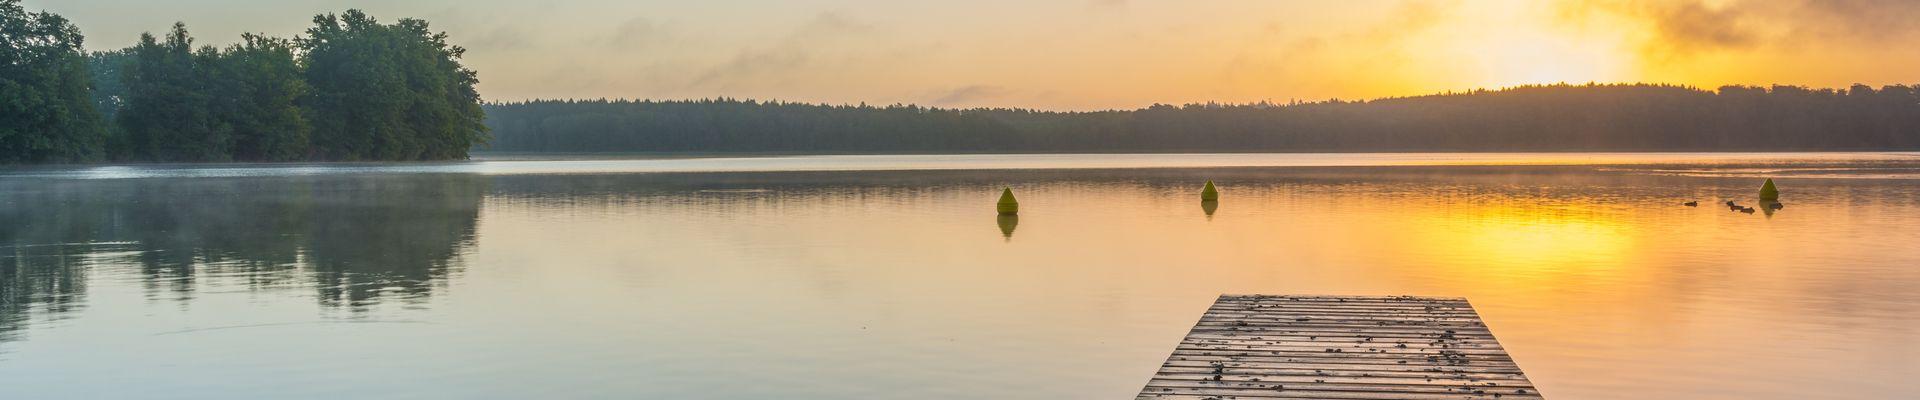 Kurzurlaub an der Mecklenburger Seenplatte